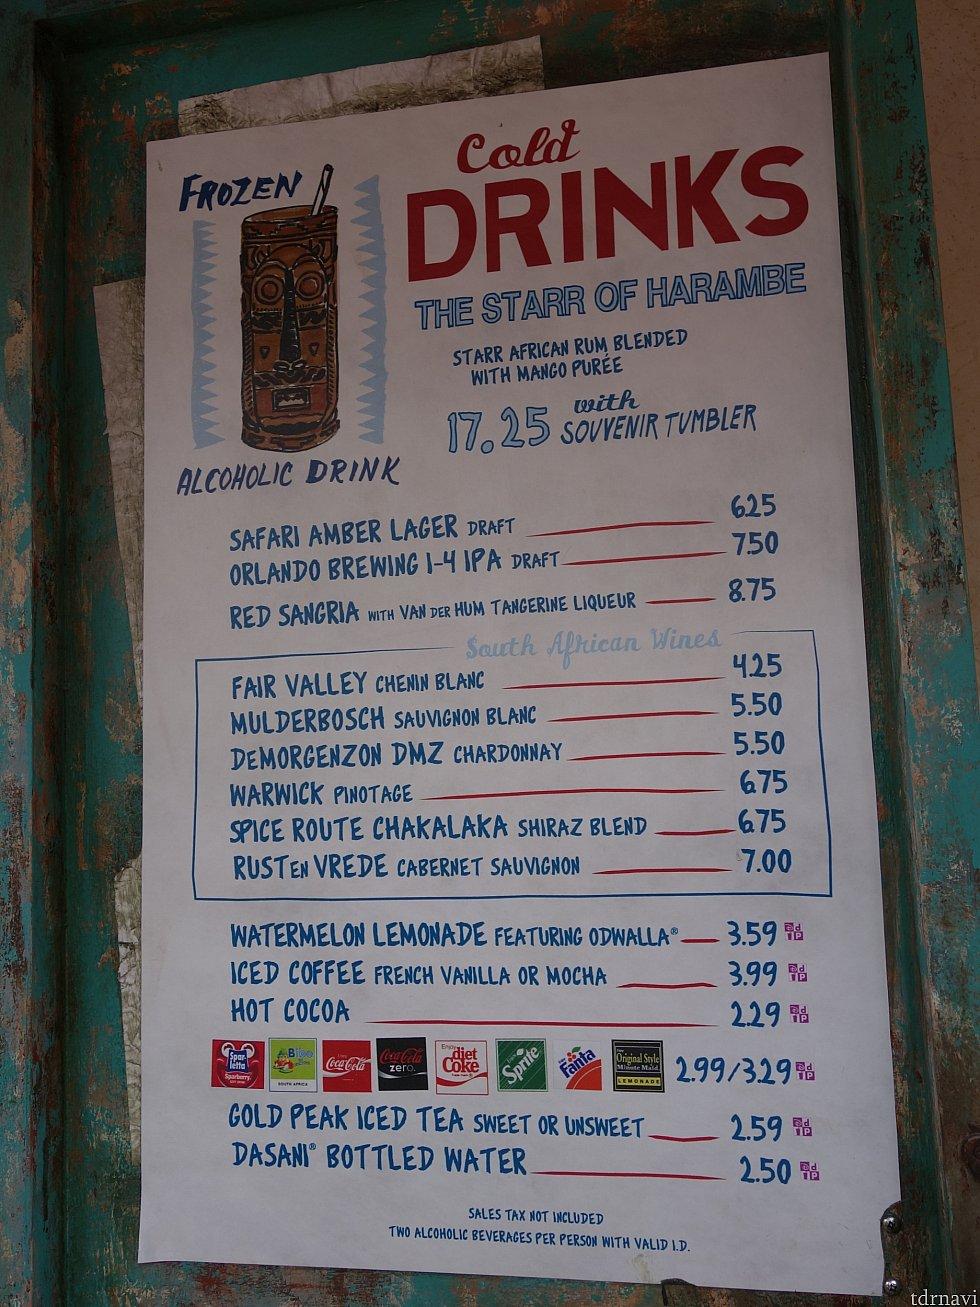 アルコールカクテルもあります。アイスティーはSWEET(砂糖入り)かUNSWEET(砂糖無しのいわゆるストレート)か選べます。